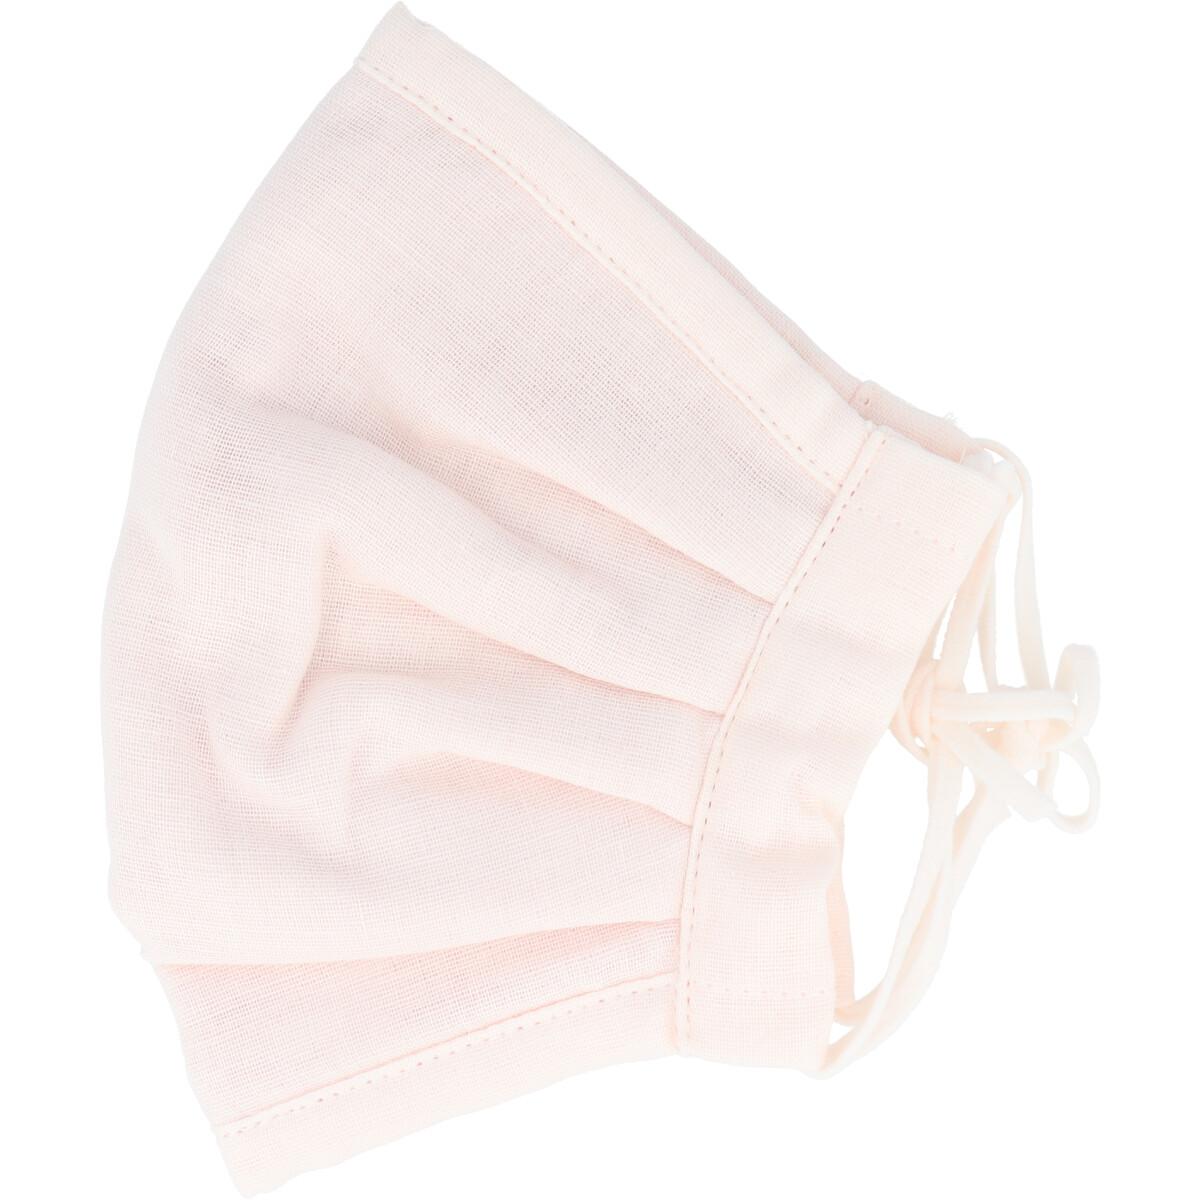 ふわふわマスク 今治産タオル 超敏感肌用 ライトピンク ゆったり大きめサイズ 1枚入